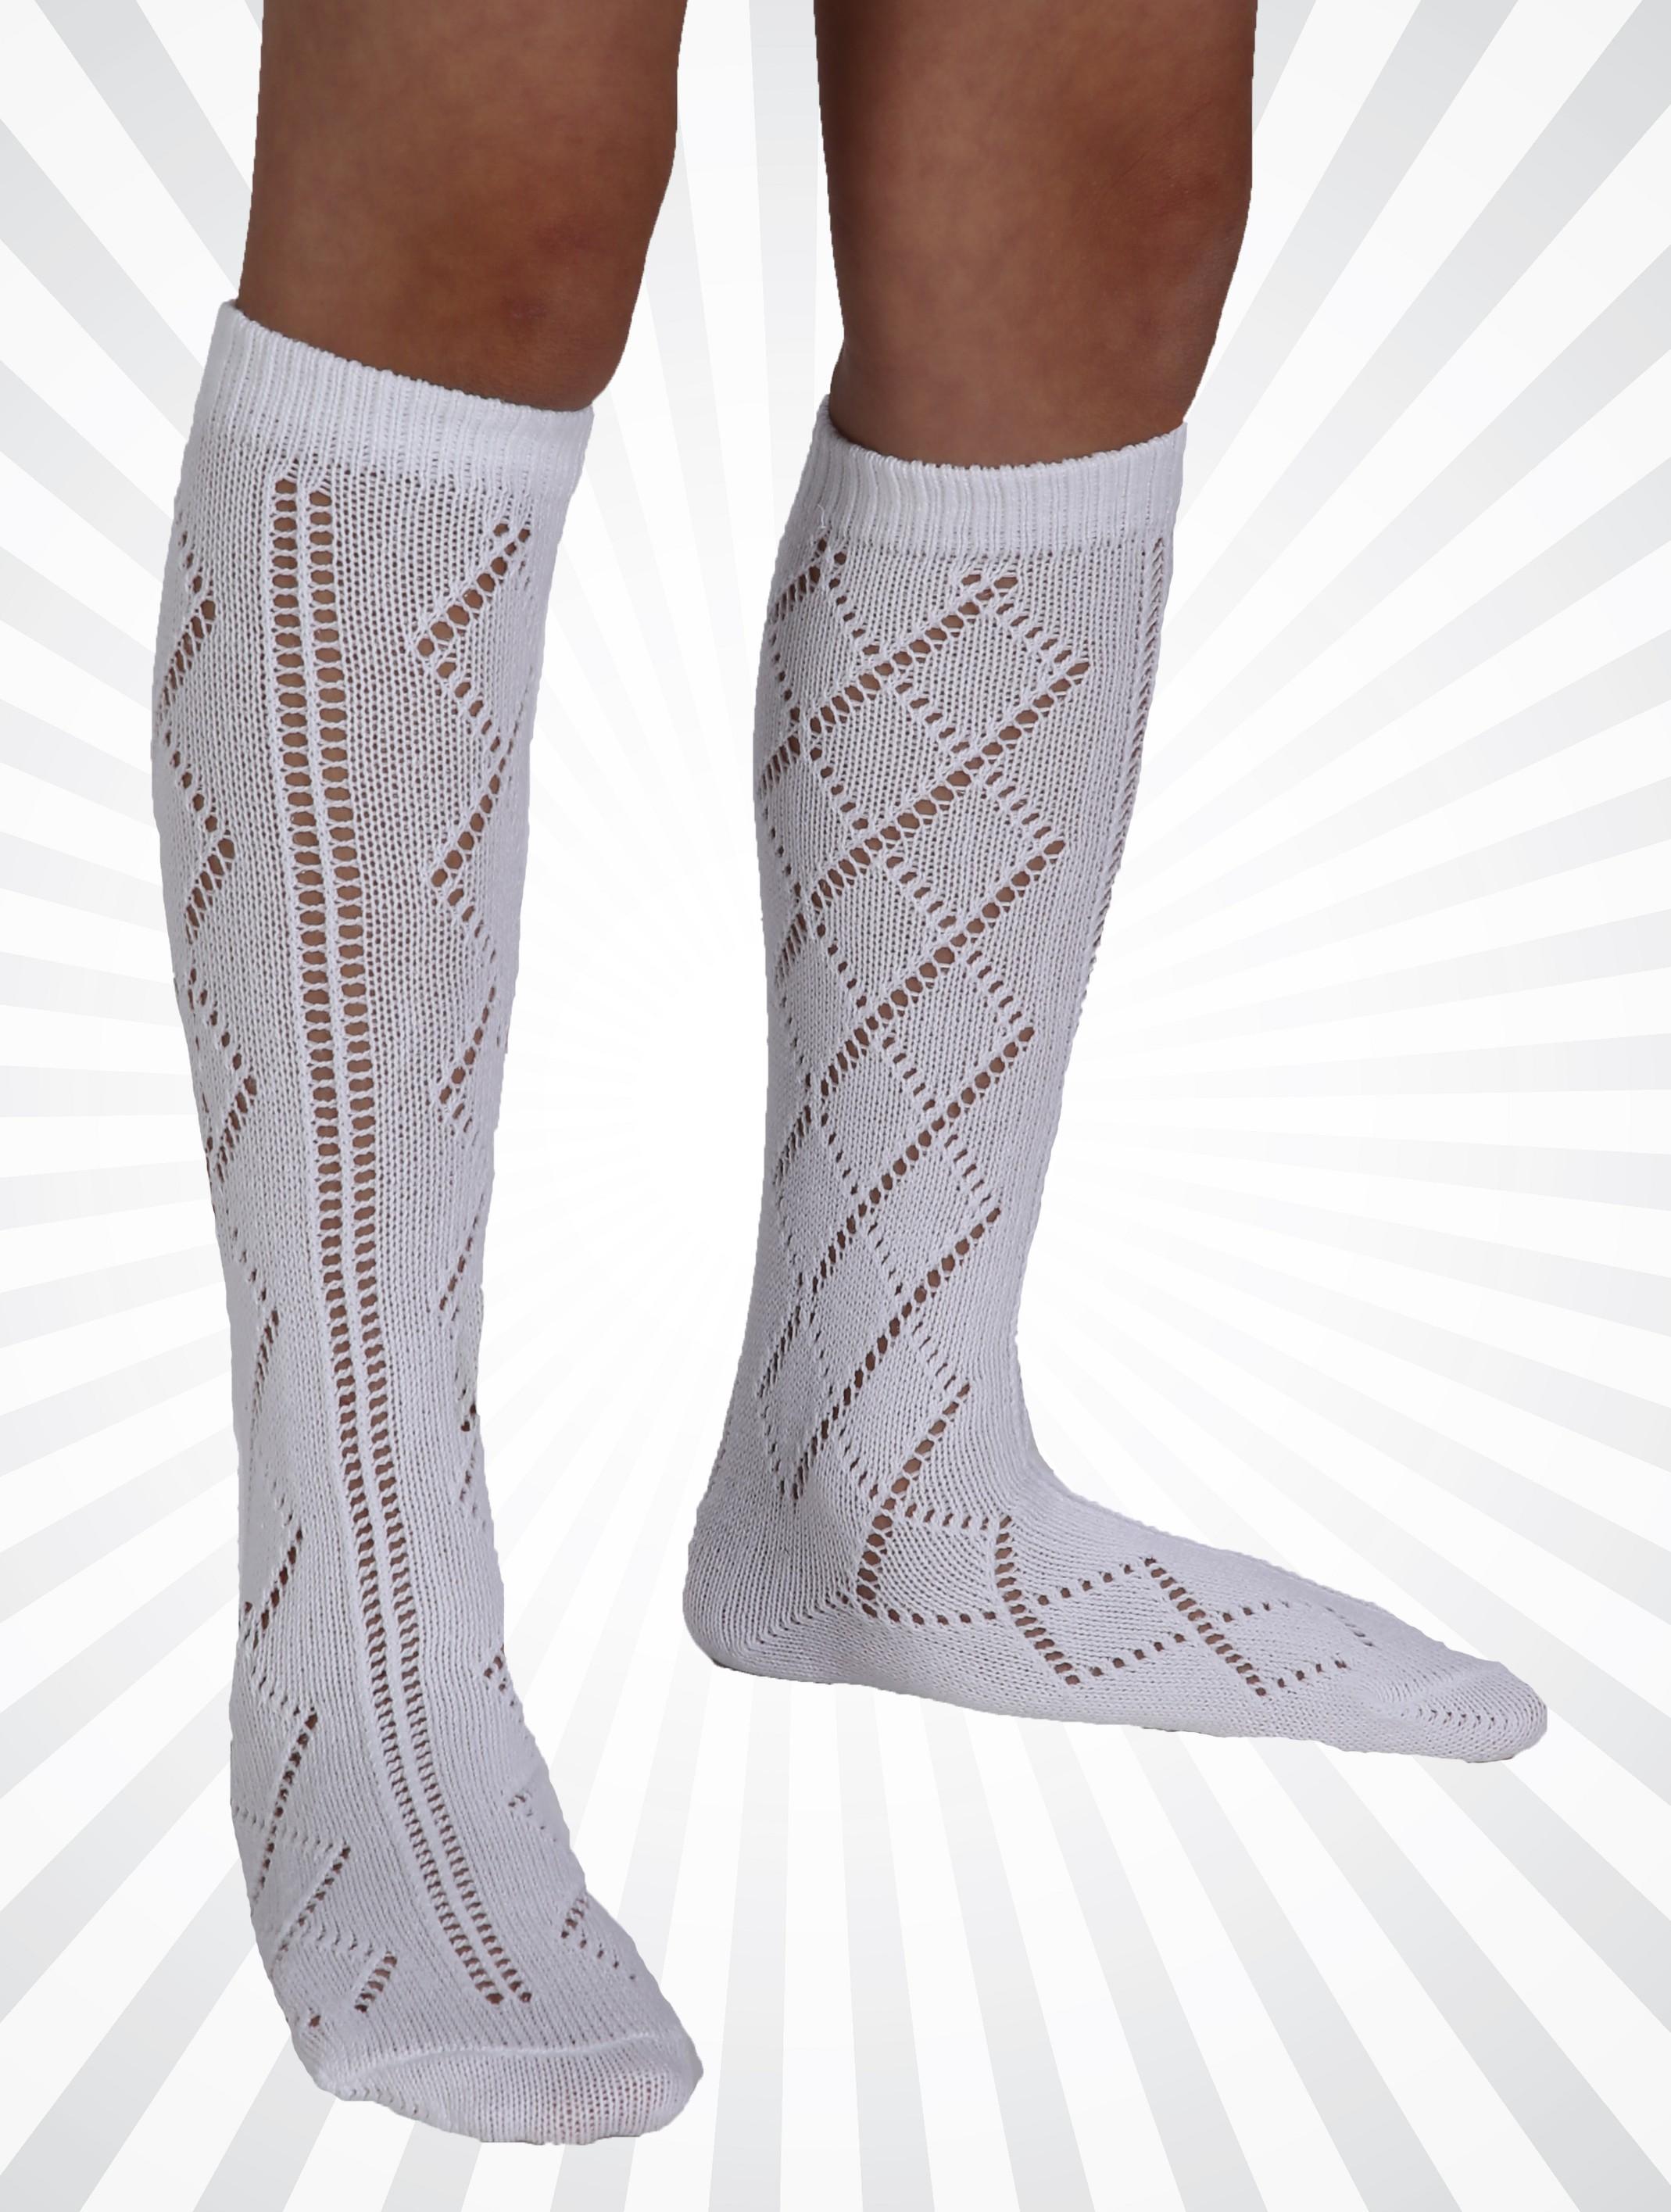 ab42ed2fc Pelerine Knee High Socks - Per 12 - Innovation Schoolwear